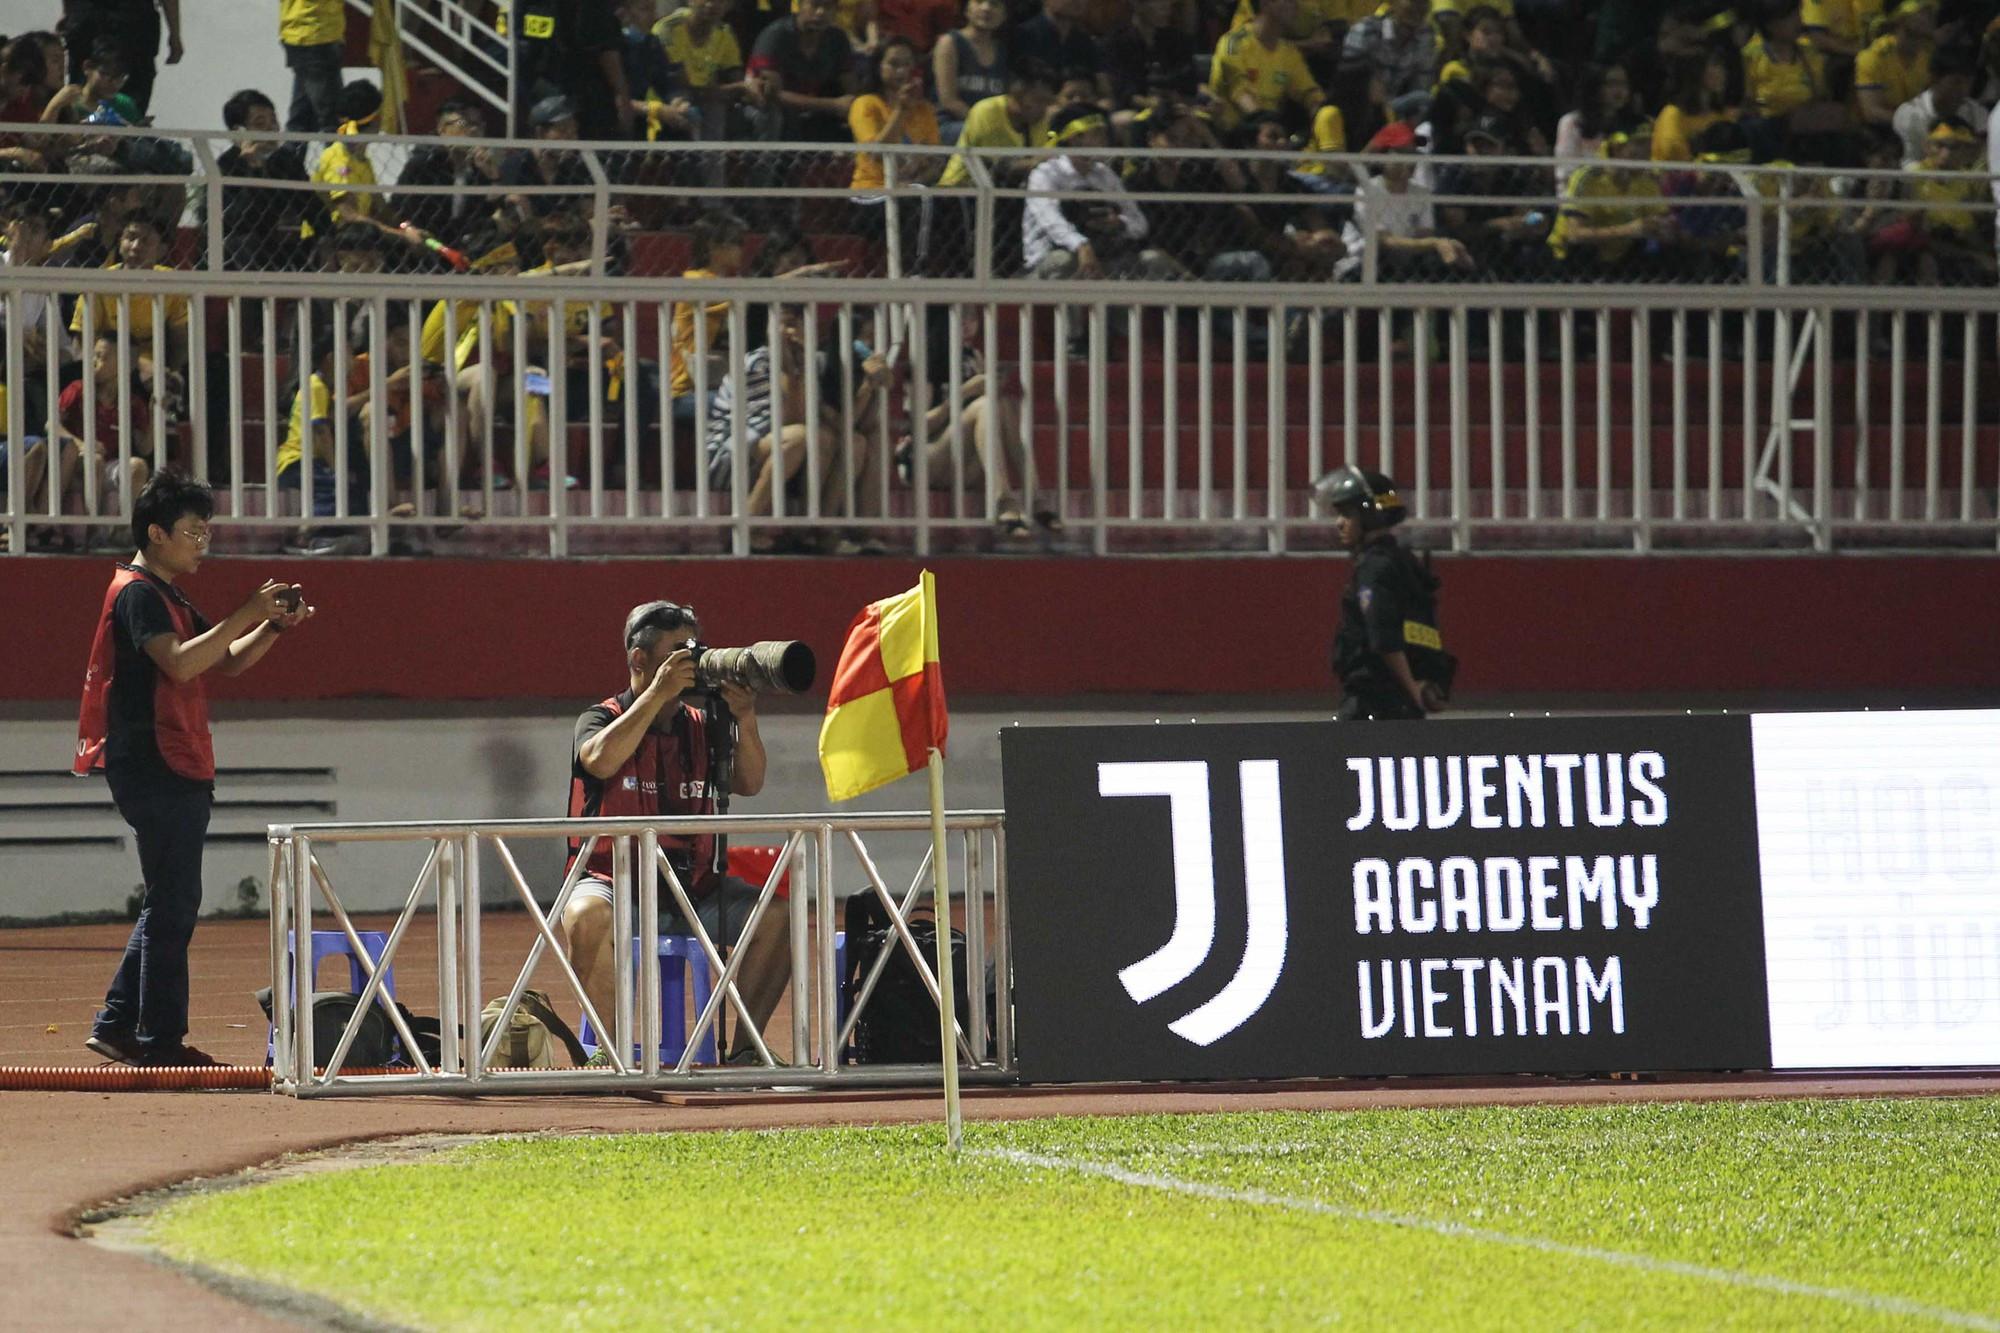 Quảng cáo CLB Juventus tại sân bóng